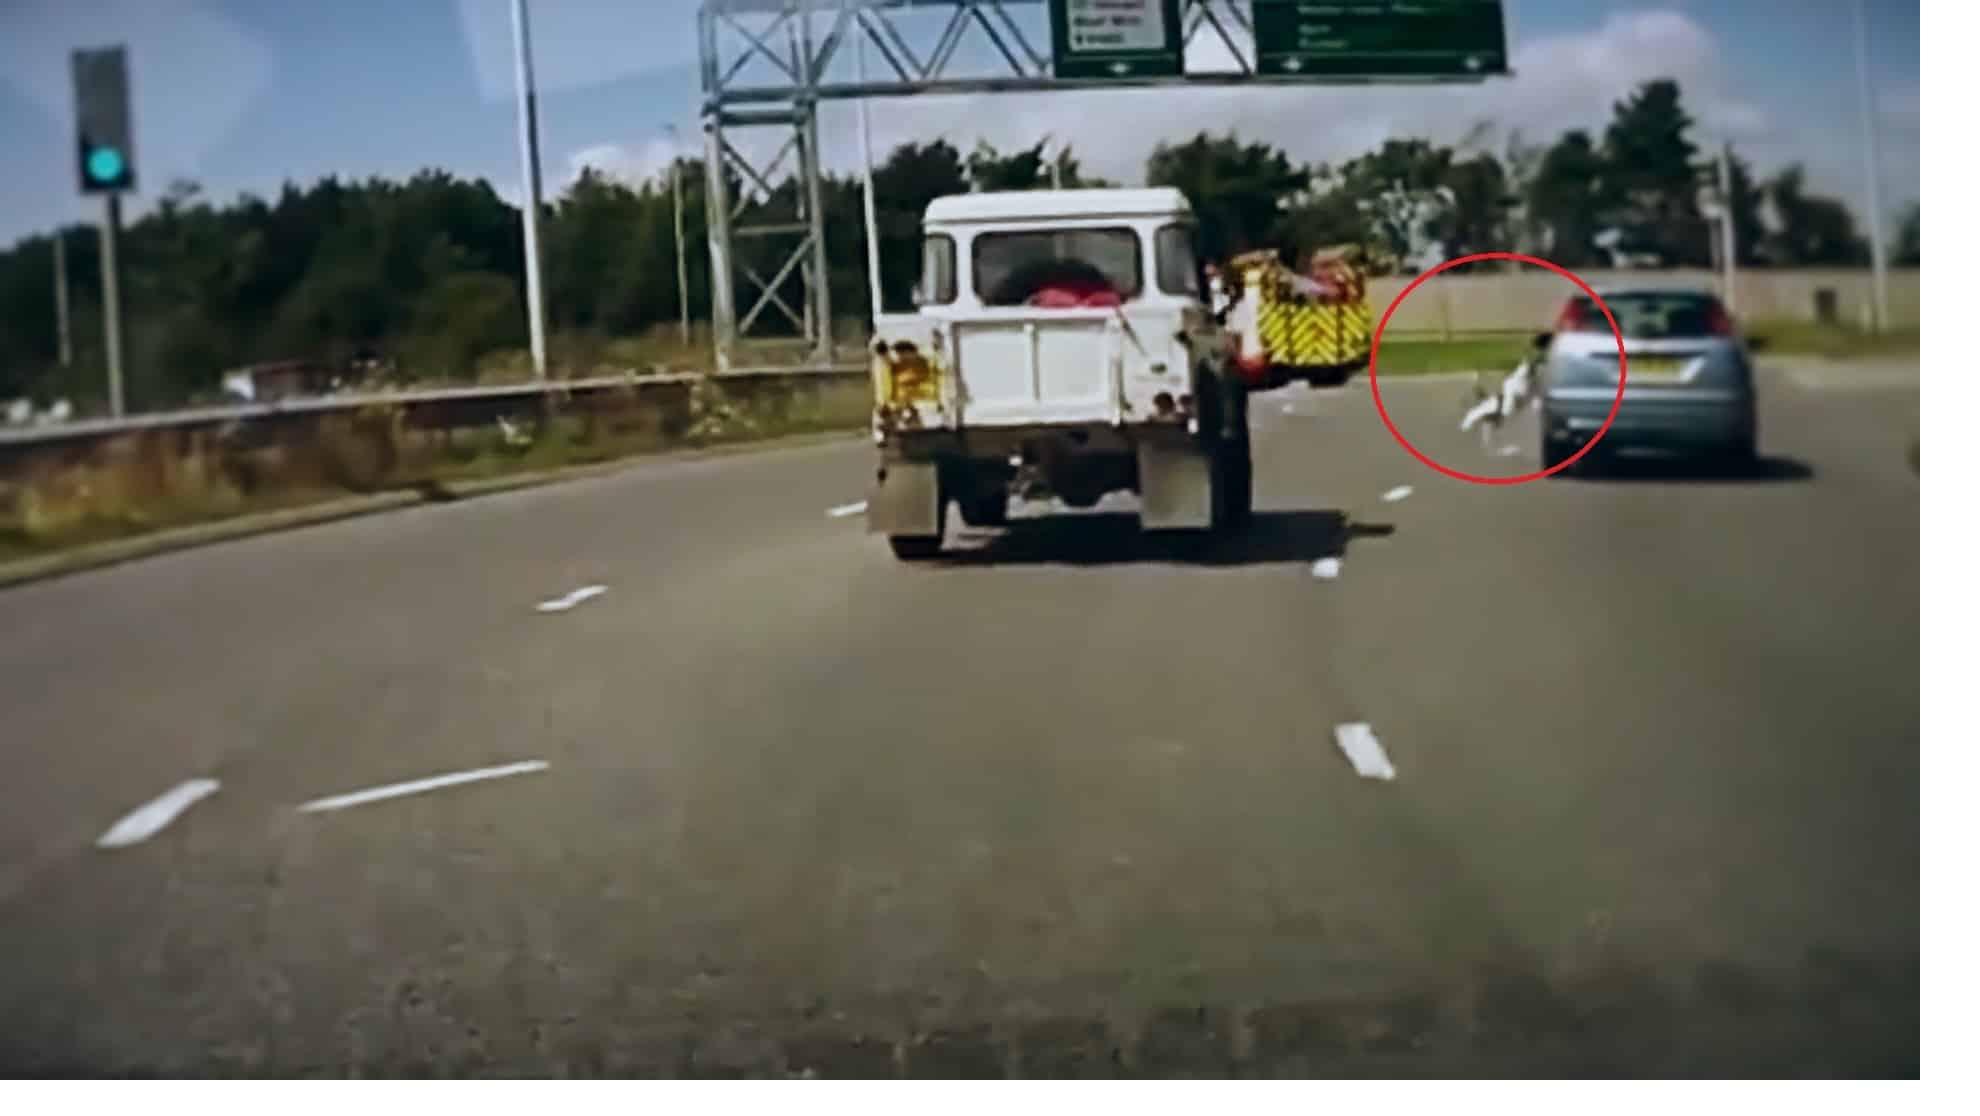 #Video Perro cae de un coche en marcha en una autopista de Reino Unido 11